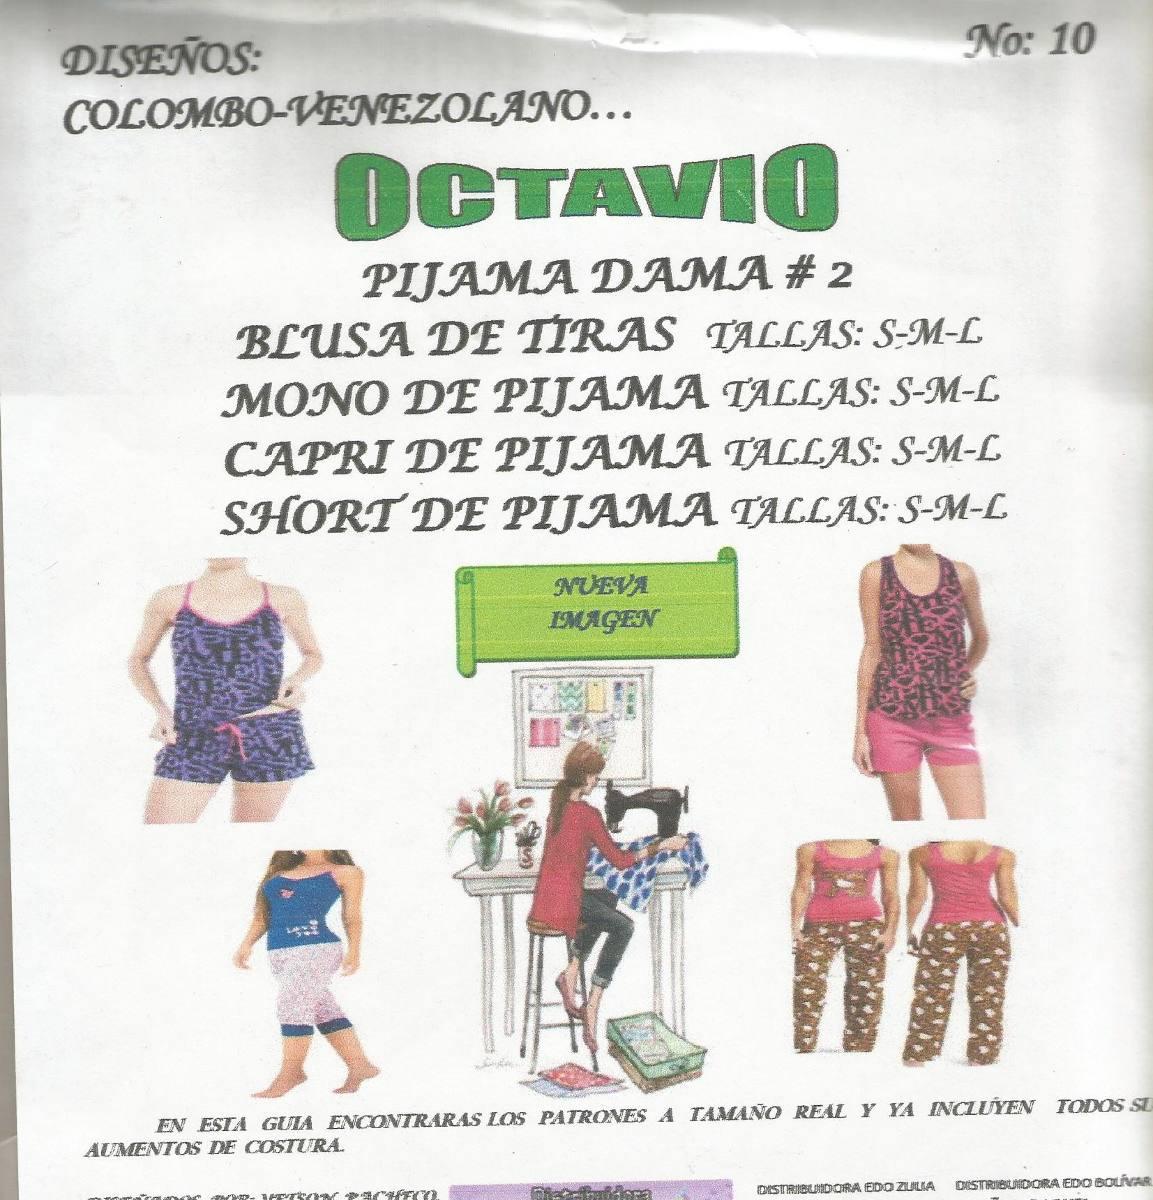 Patrones Octavio Pijama De Dama #10 - Bs. 350,03 en Mercado Libre